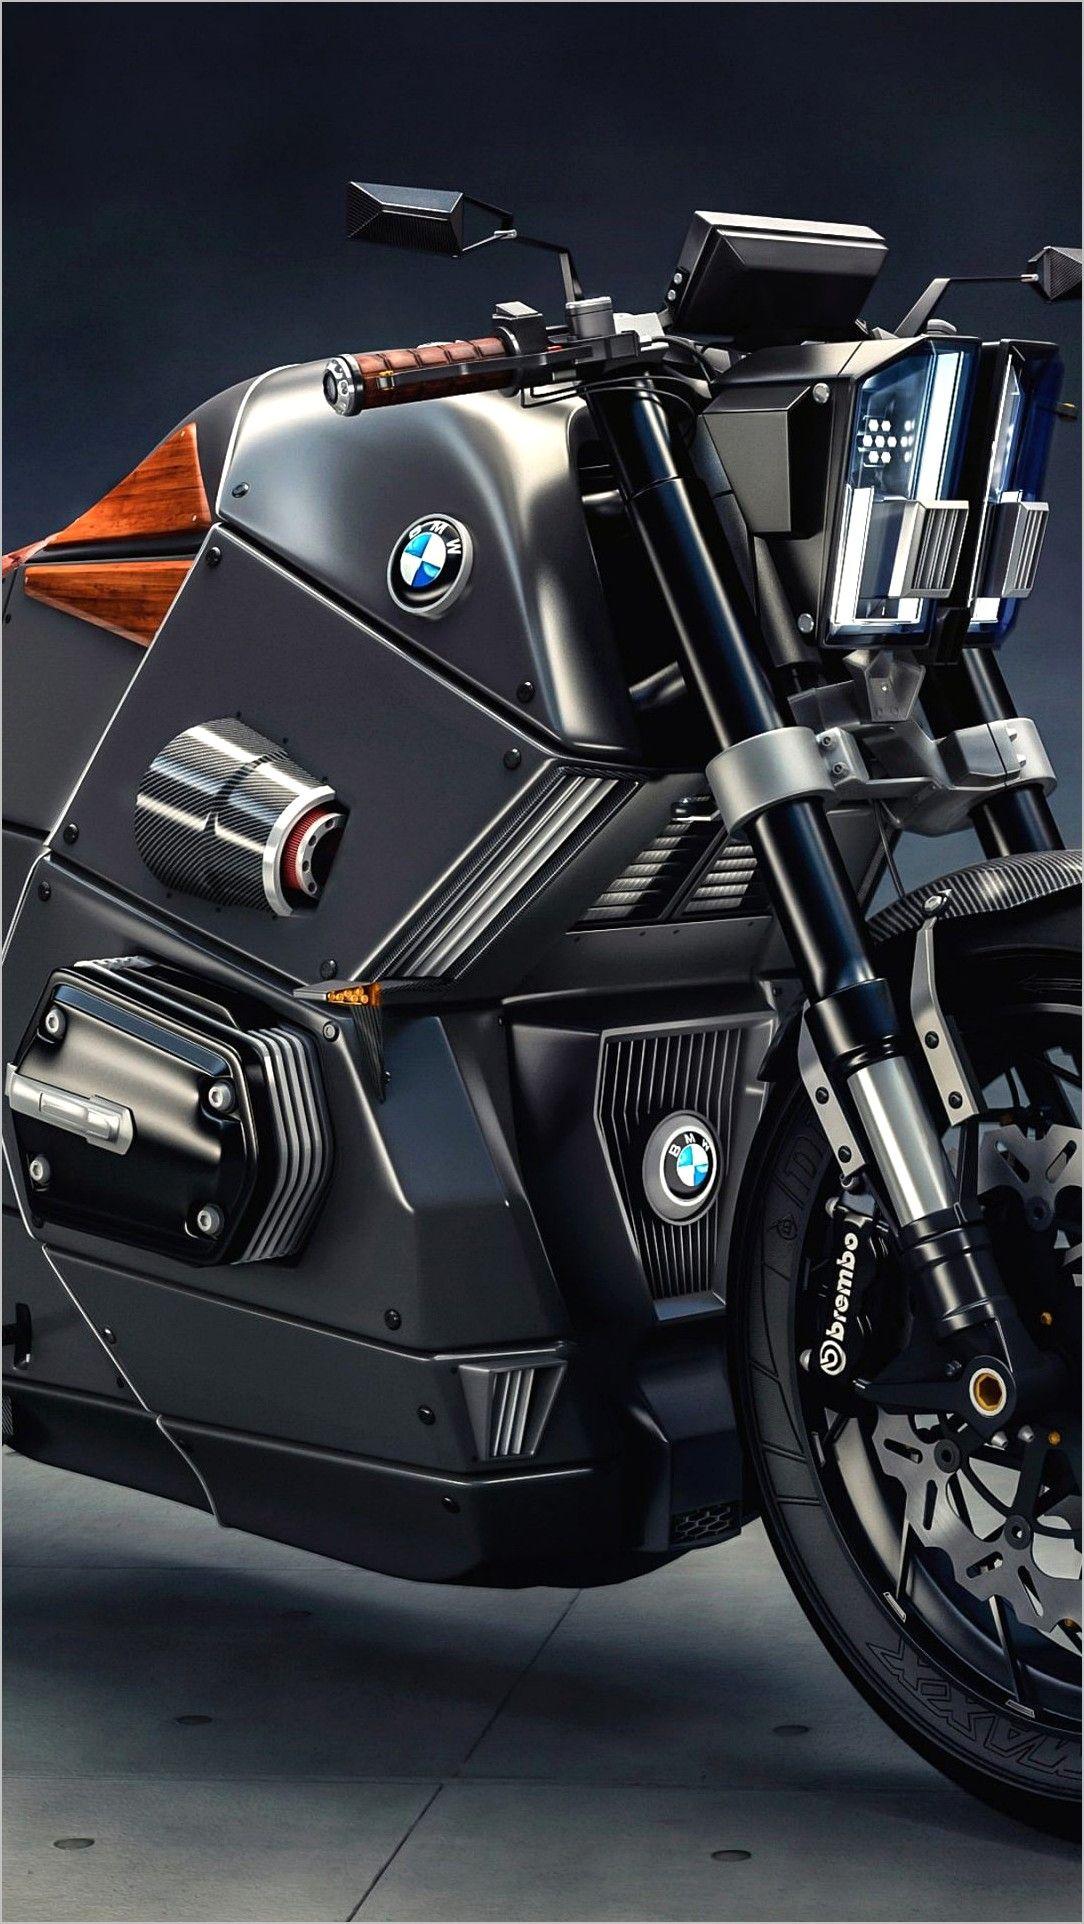 Bmw Cafe Racer 4k Wallpaper Motos Motorizada Carros Esportivos